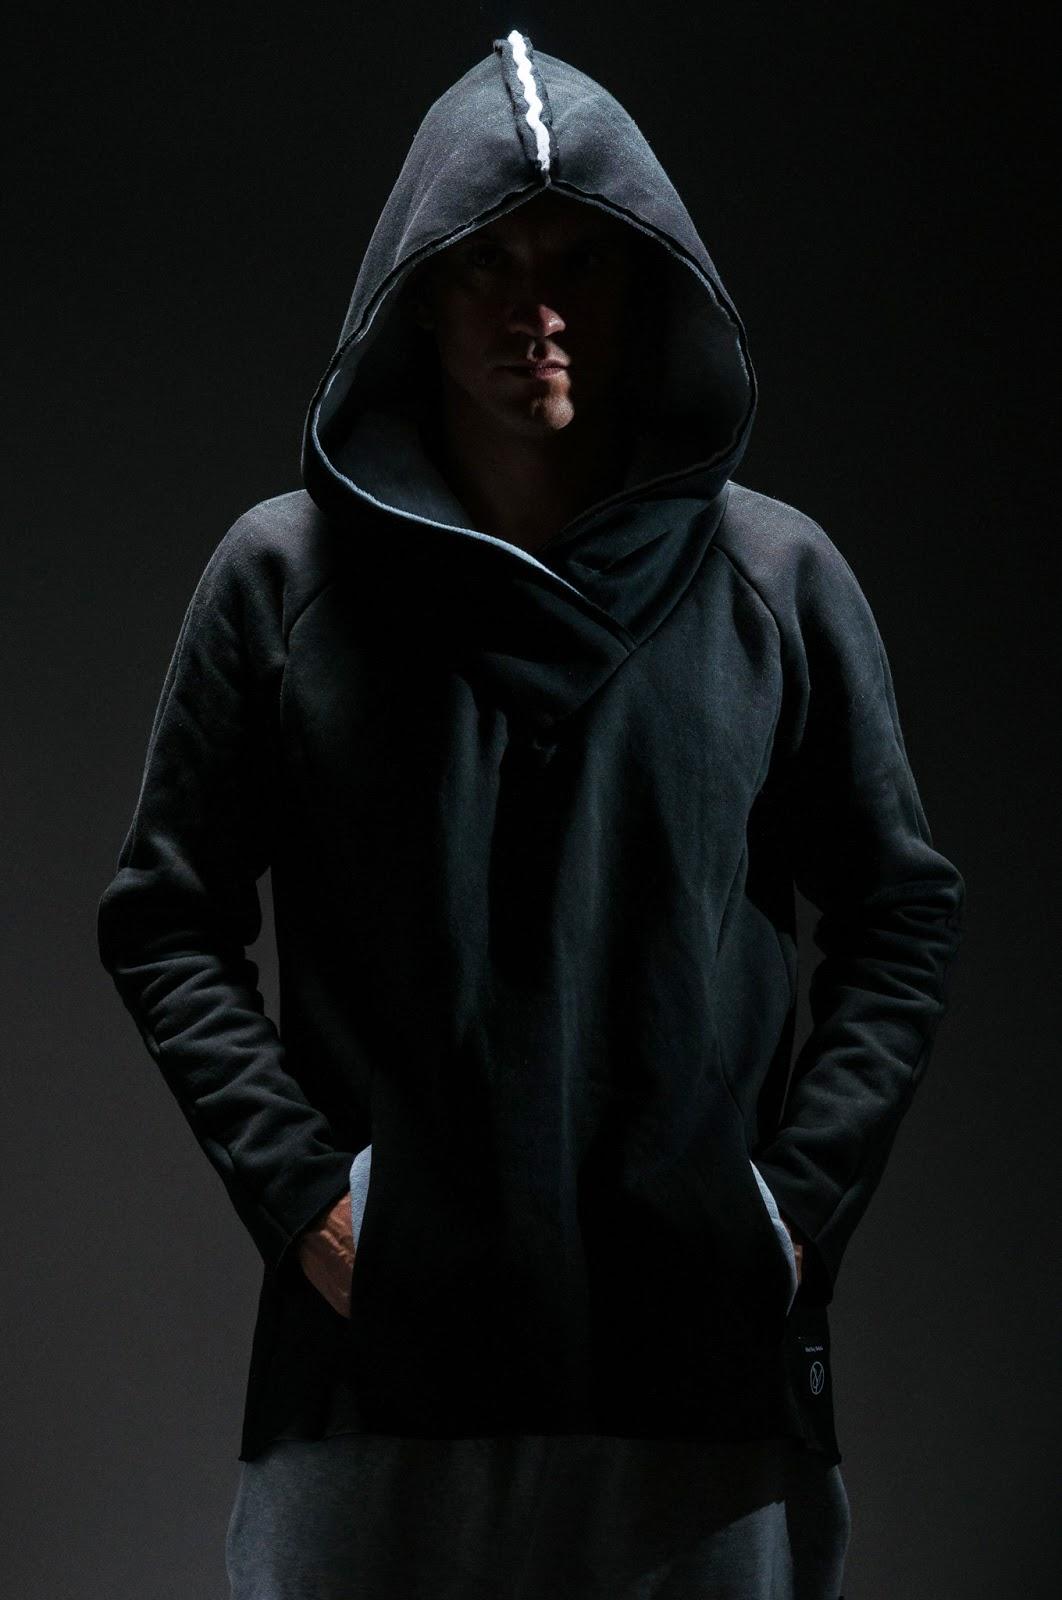 Bluza bokserska czarna   M. Czernecki, fot. Wiśnios Kitchen Studio